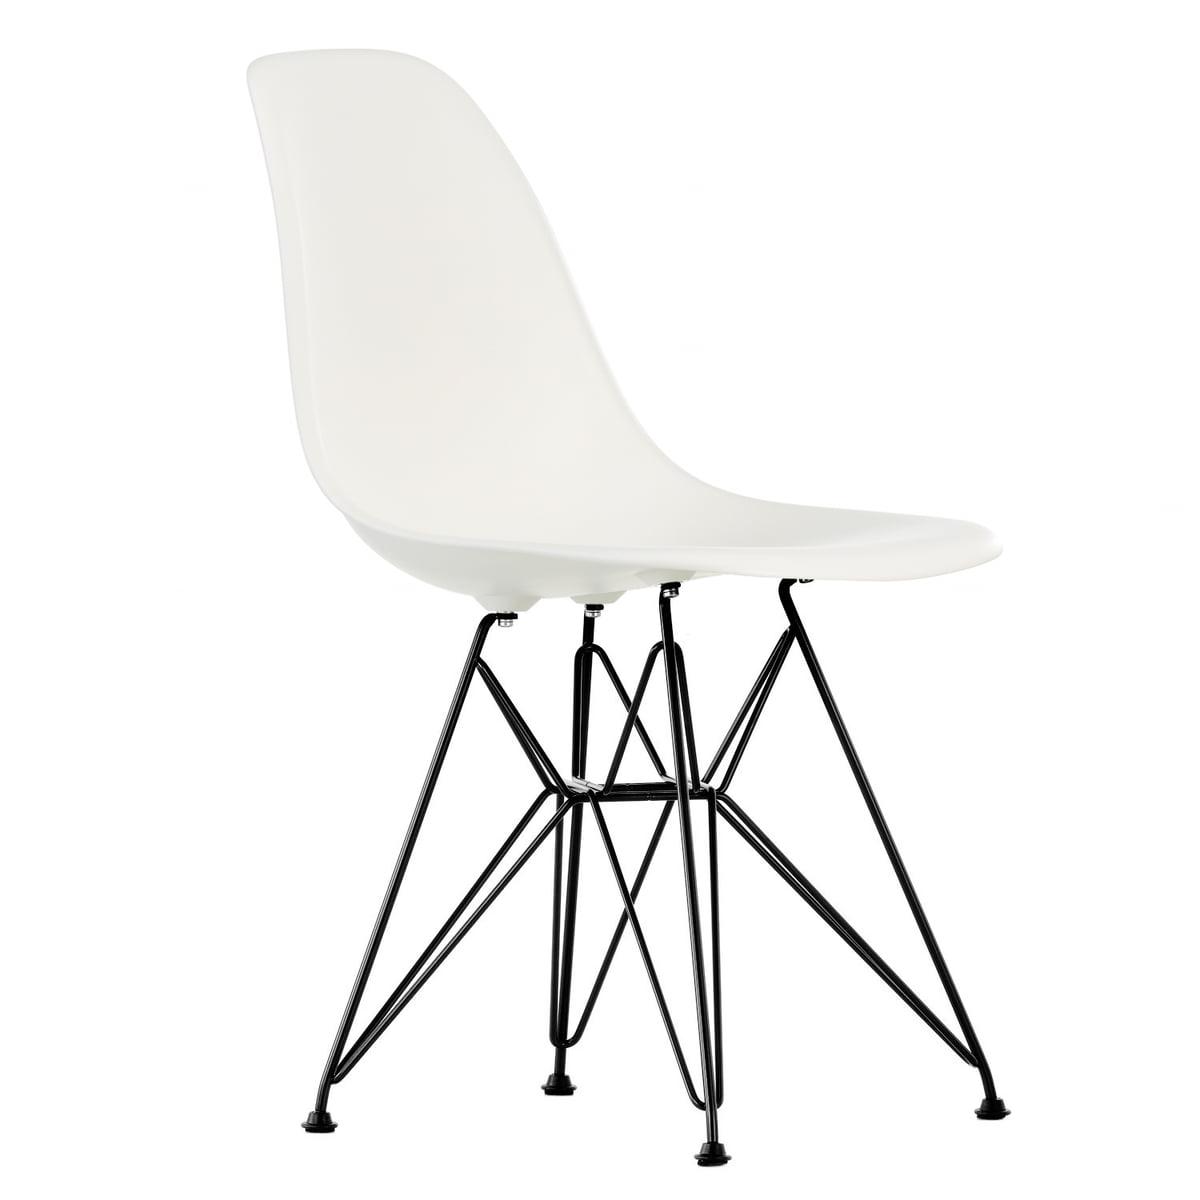 Vitra - Eames Plastic Side Chair DSR (H 43 cm), basic dark / weiß, Kunststoffgleiter basic dark | Küche und Esszimmer > Stühle und Hocker > Esszimmerstühle | Weiß | Vitra